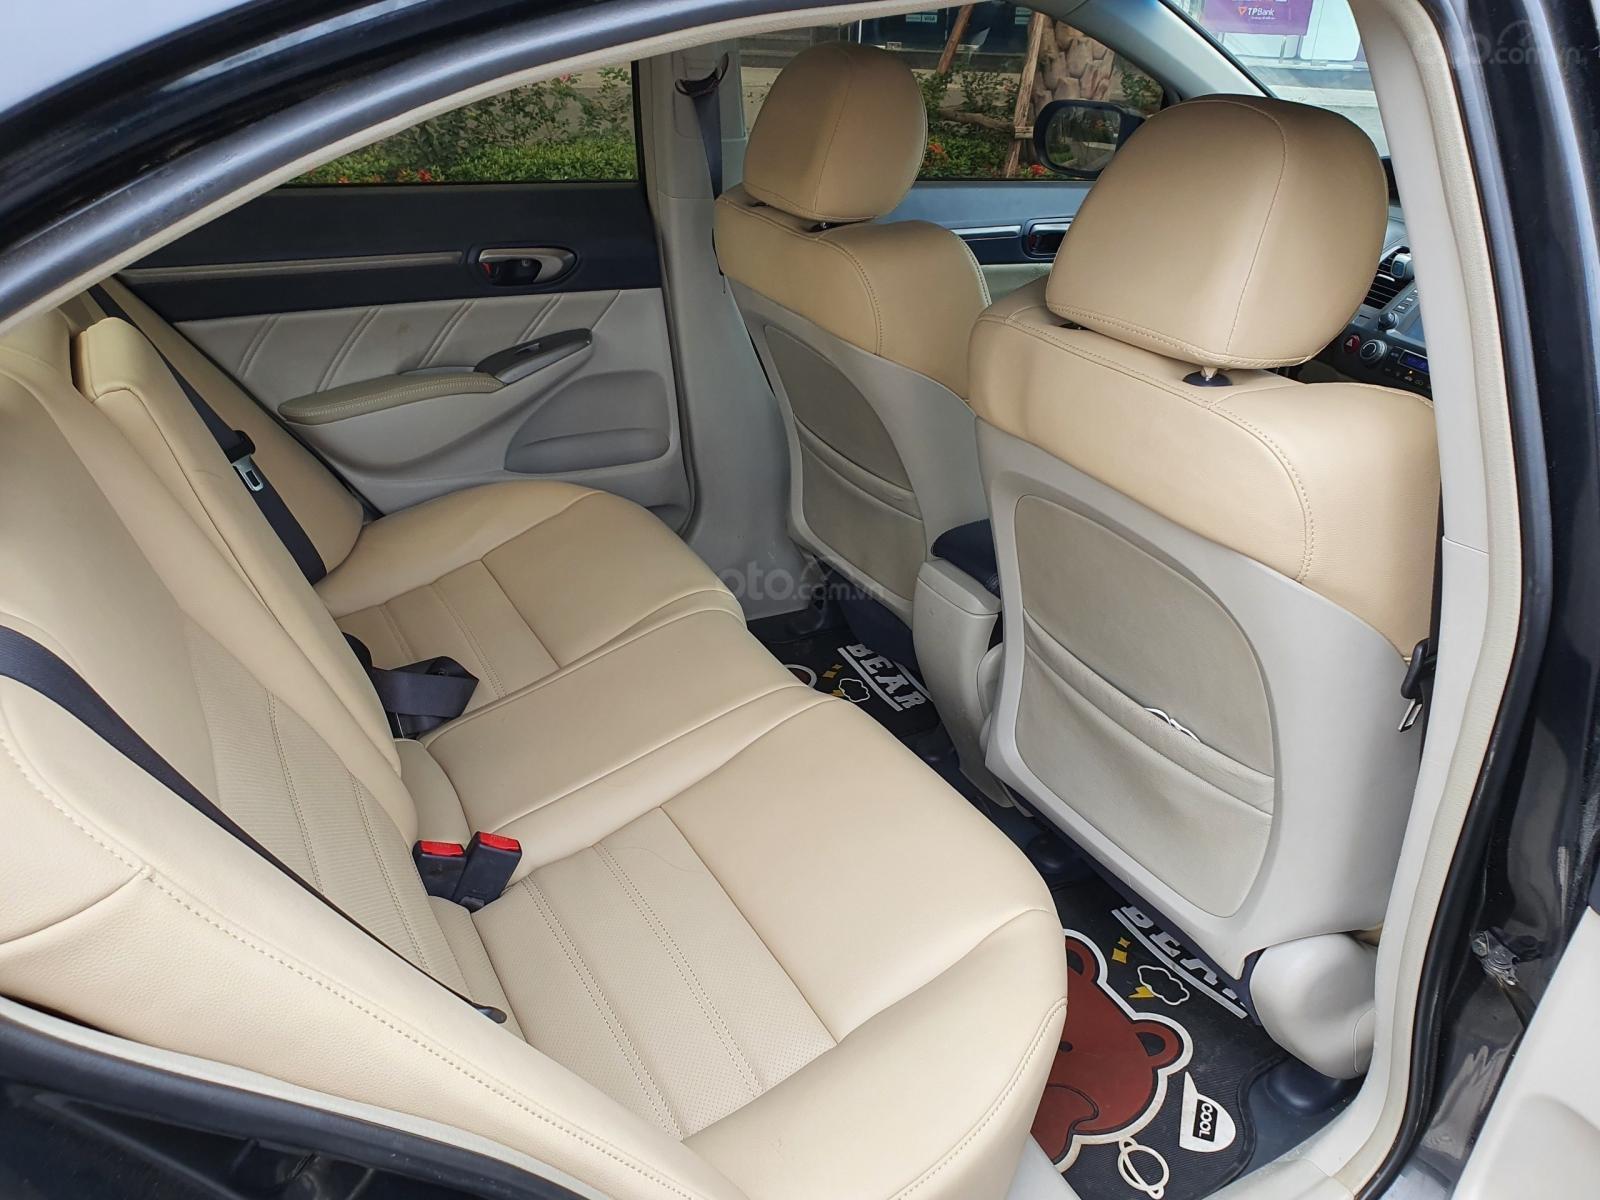 Bán xe Honda Civic 2.0 AT i-Vtec sản xuất năm 2007 màu đen chỉ việc lấy về đi, xe cực đẹp (13)